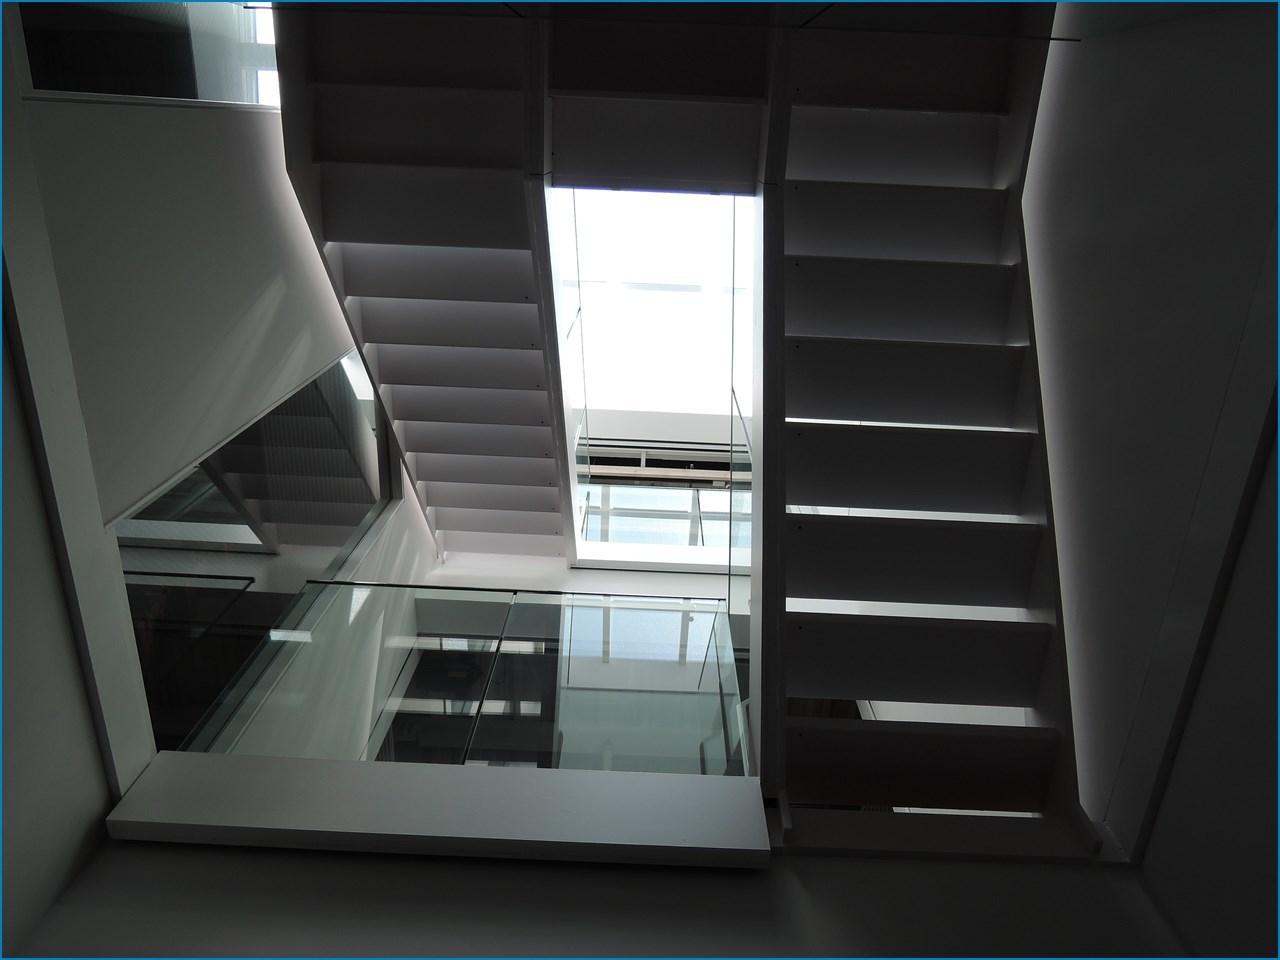 静岡理工科大学 理工学部 建築学科棟の見学 1_c0376508_18183915.jpg